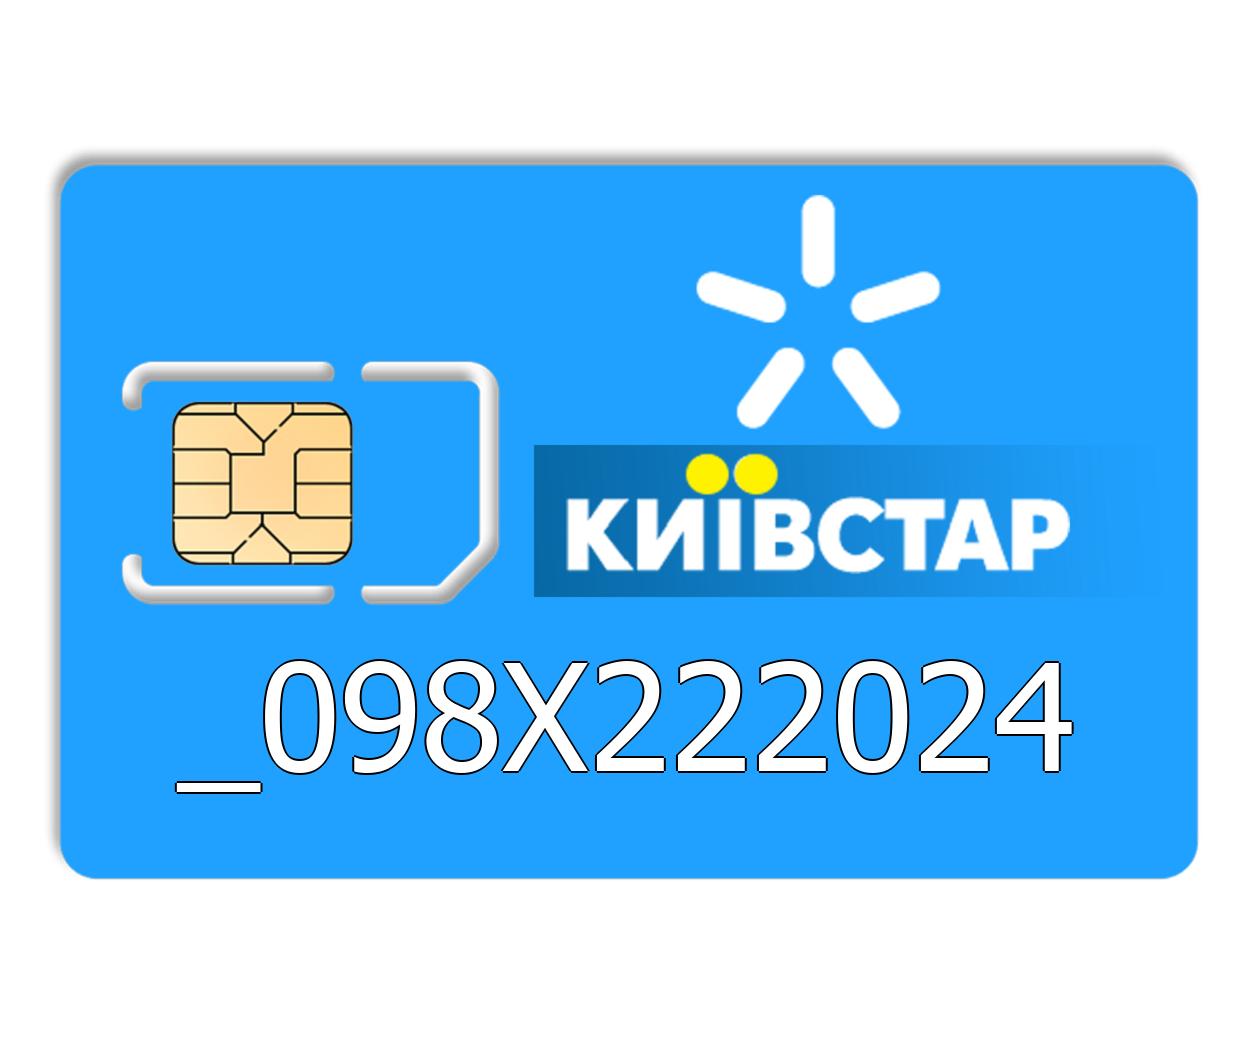 Красивый номер Киевстар 098-X222-02-4